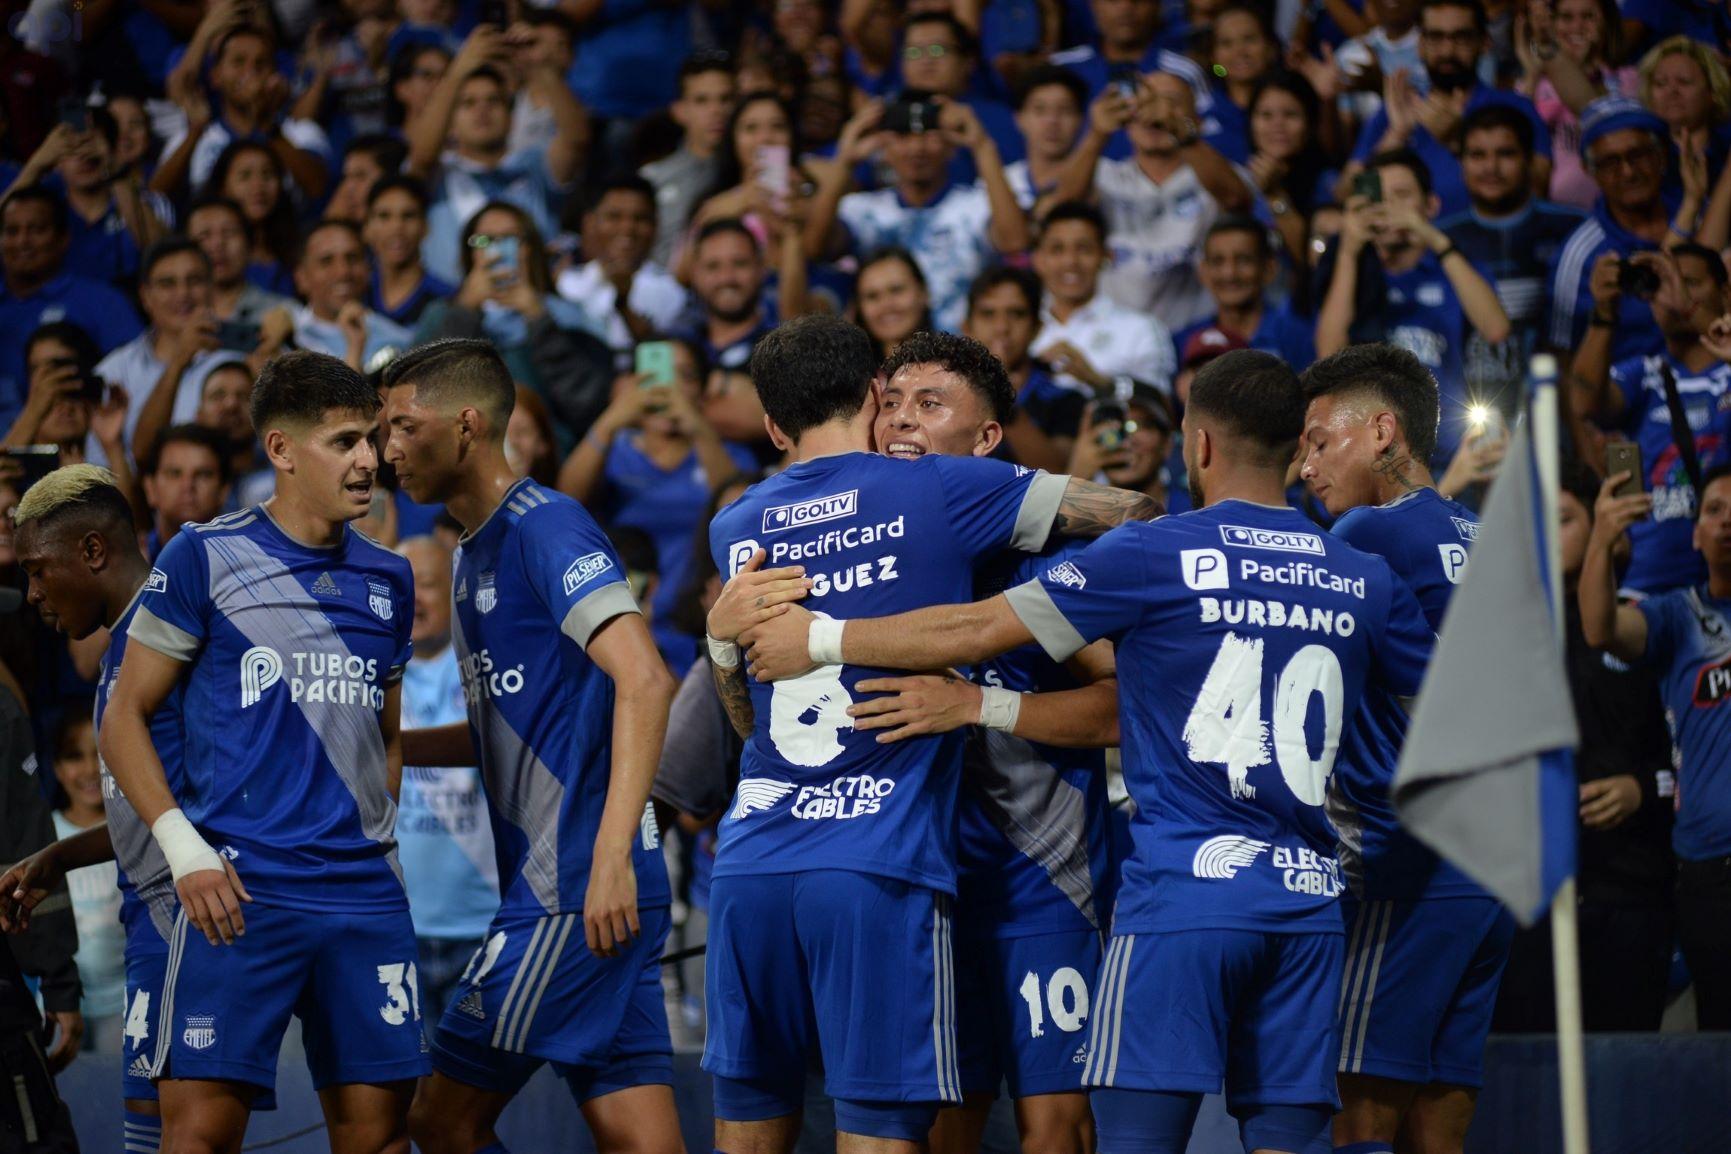 Emelec gana su Explosión Azul pensando en Blooming por Copa Sudamericana |  La República EC